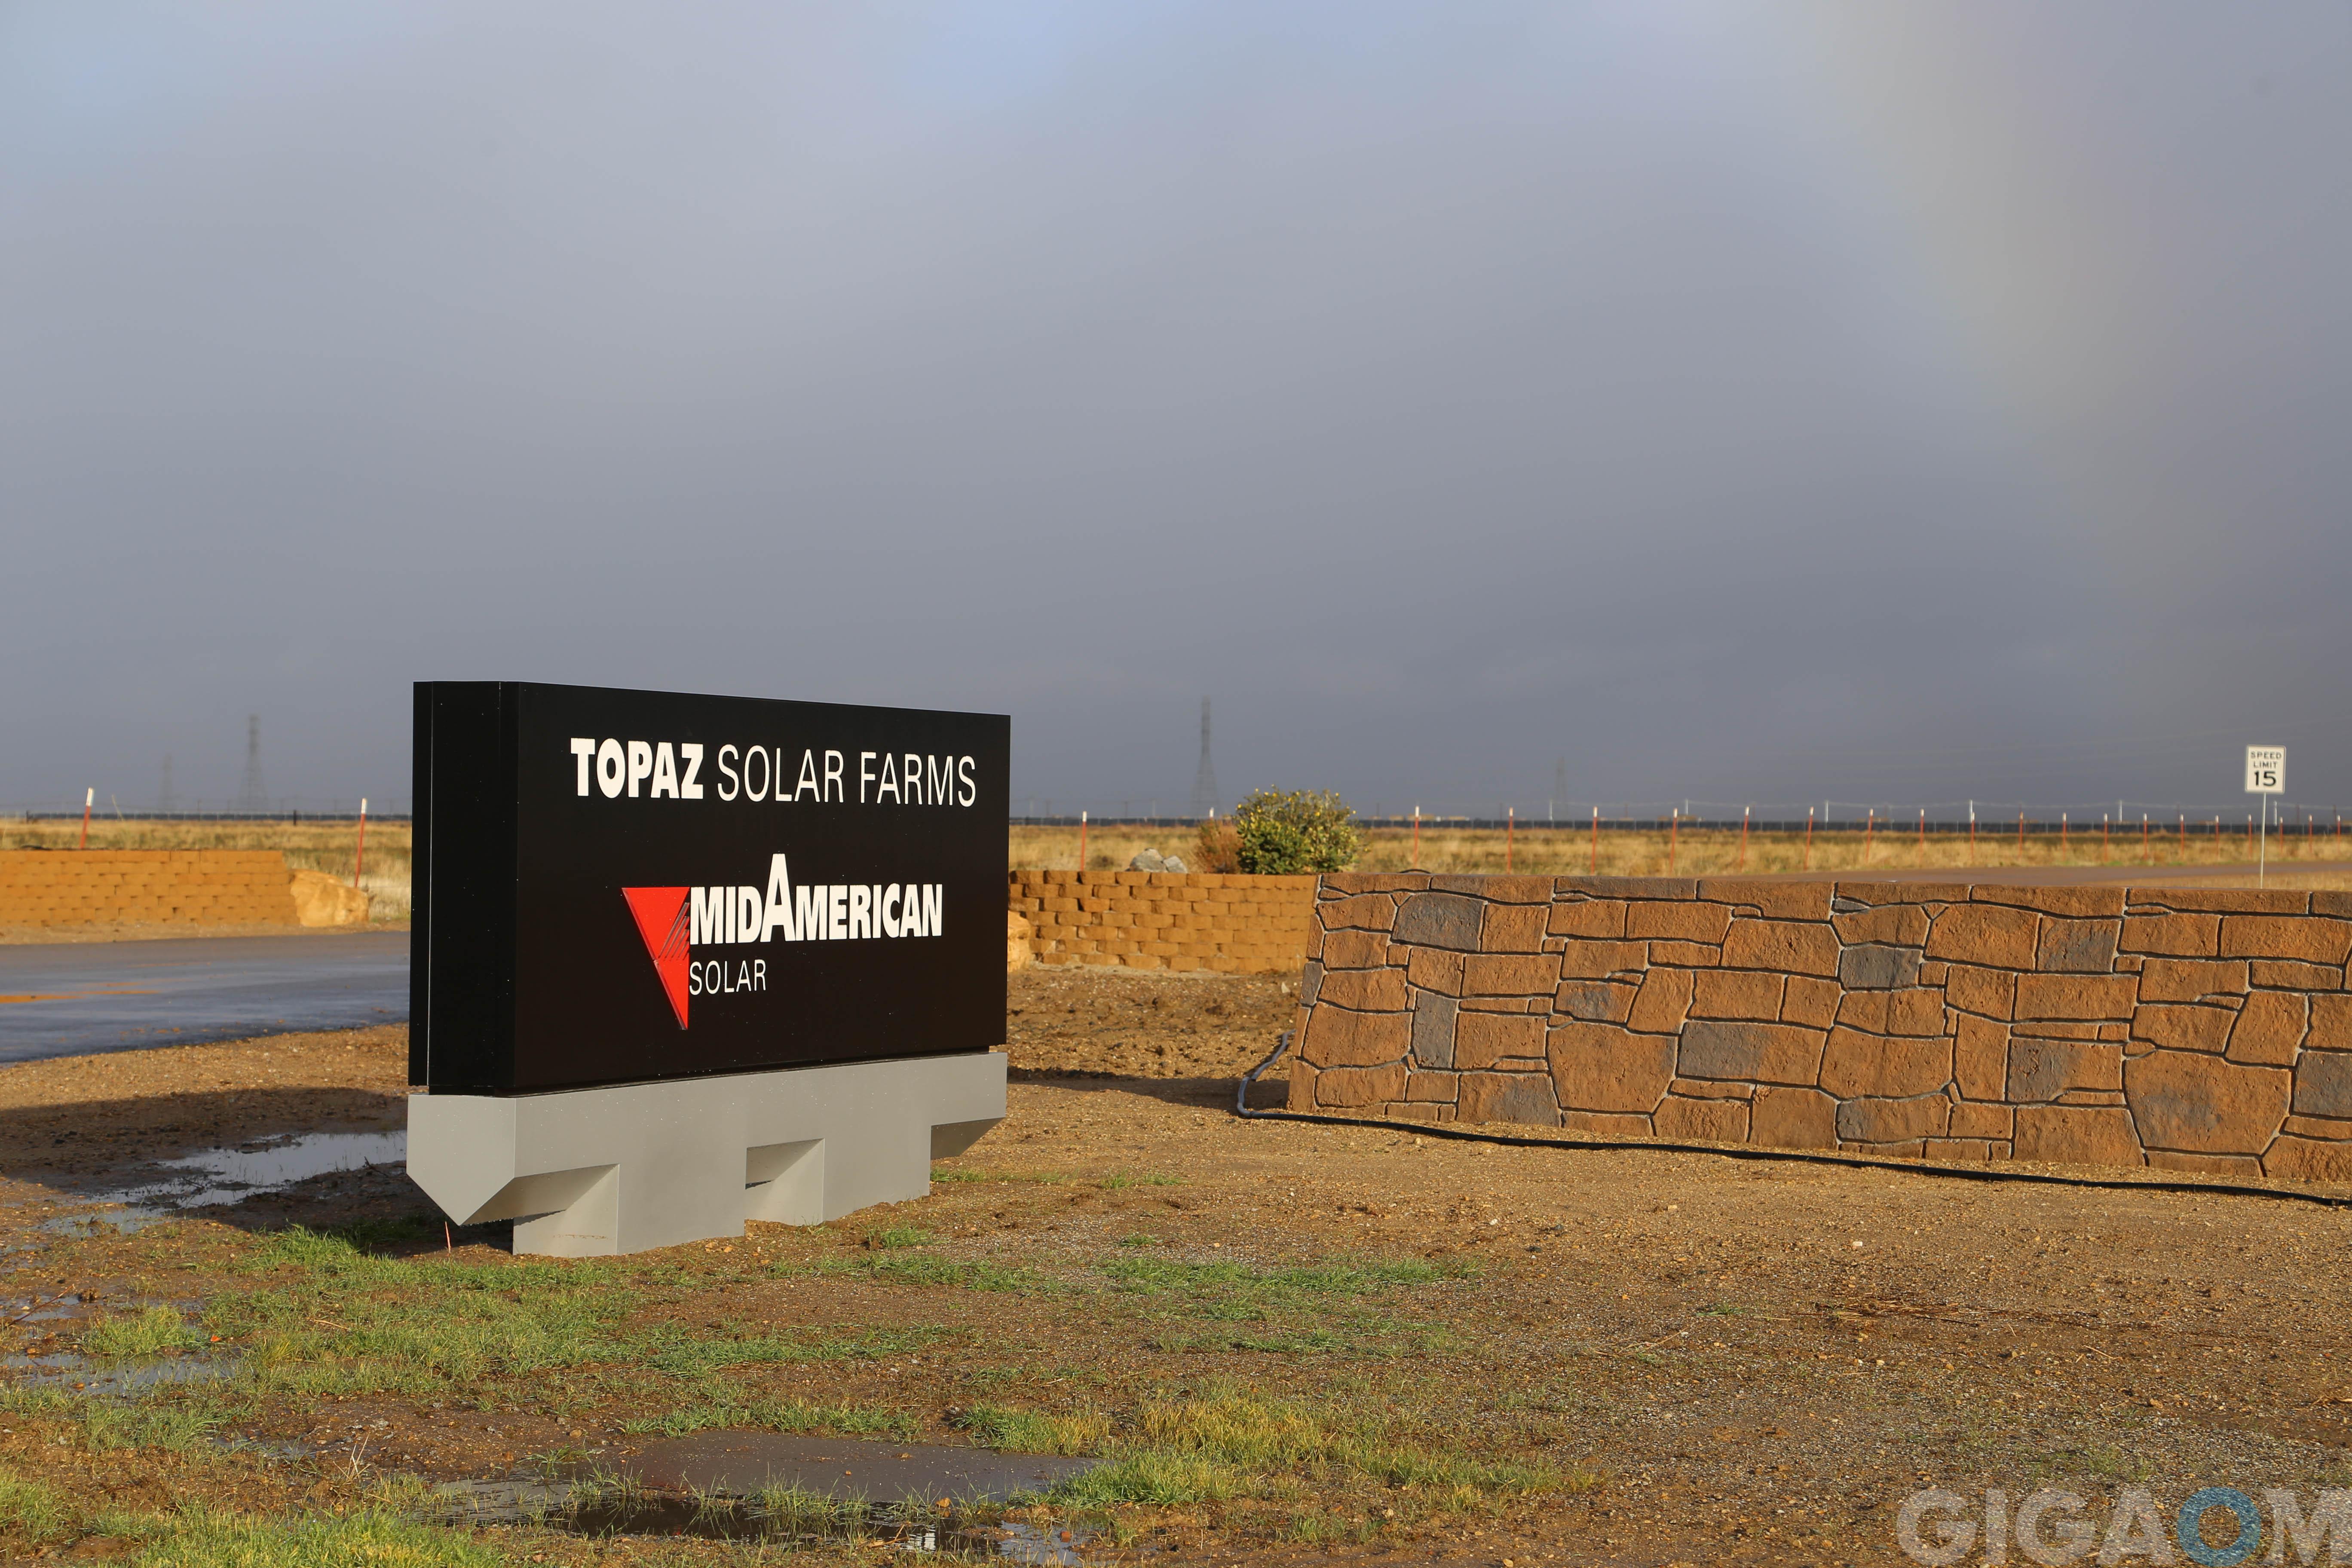 A sign for an entrance to the Topaz solar farm.